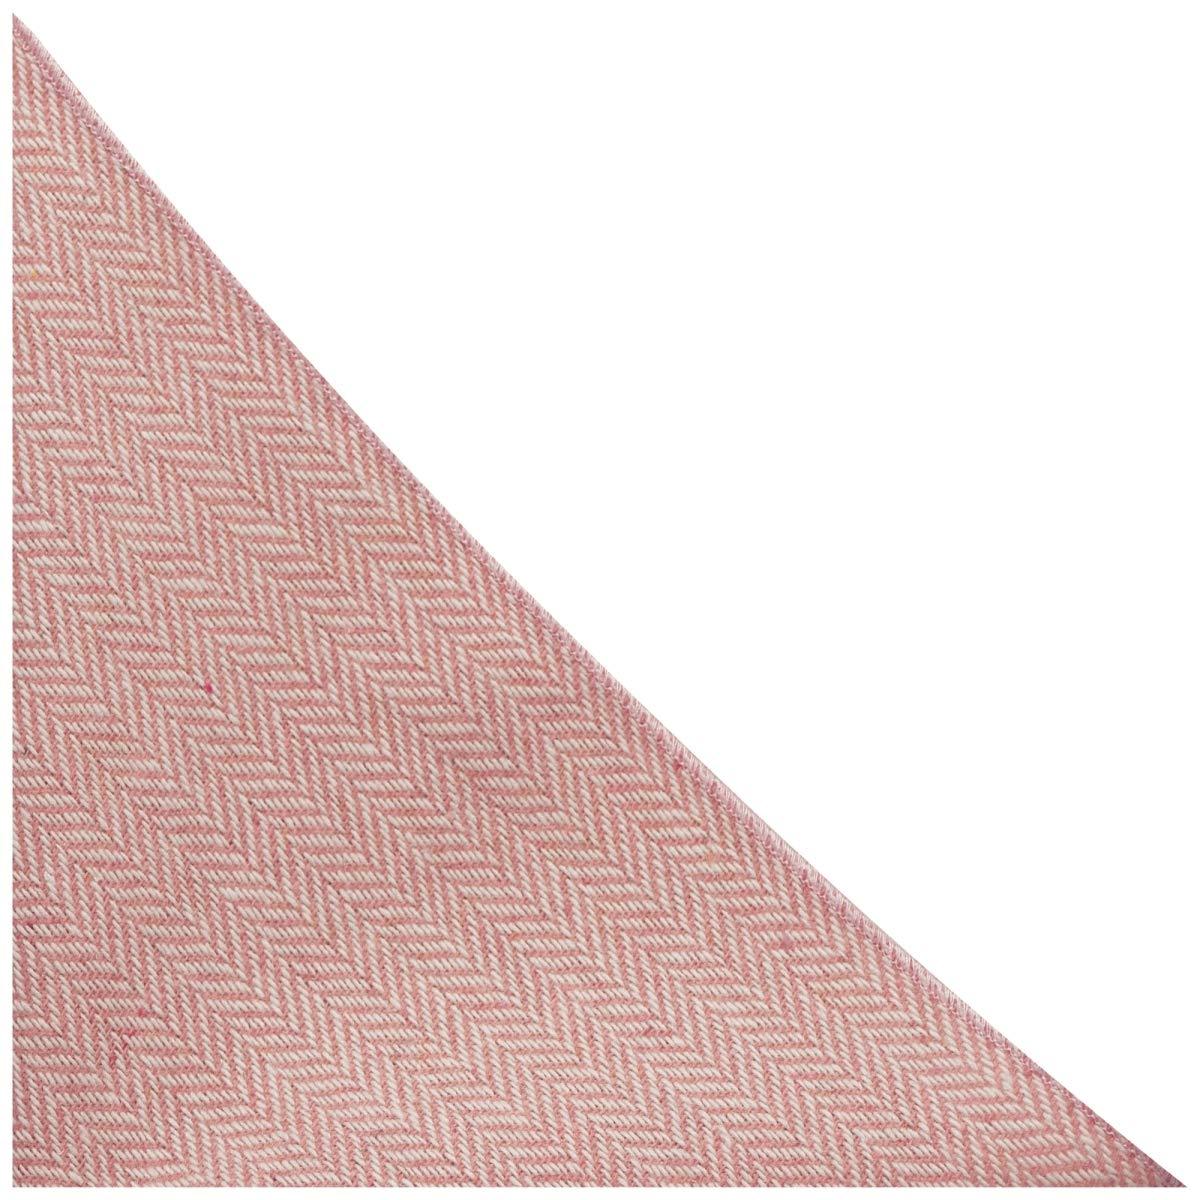 Pochette King /& Priory Fazzoletto da taschino color crema e rosa caramella in tessuto esclusivo con disegno a spina di pesce